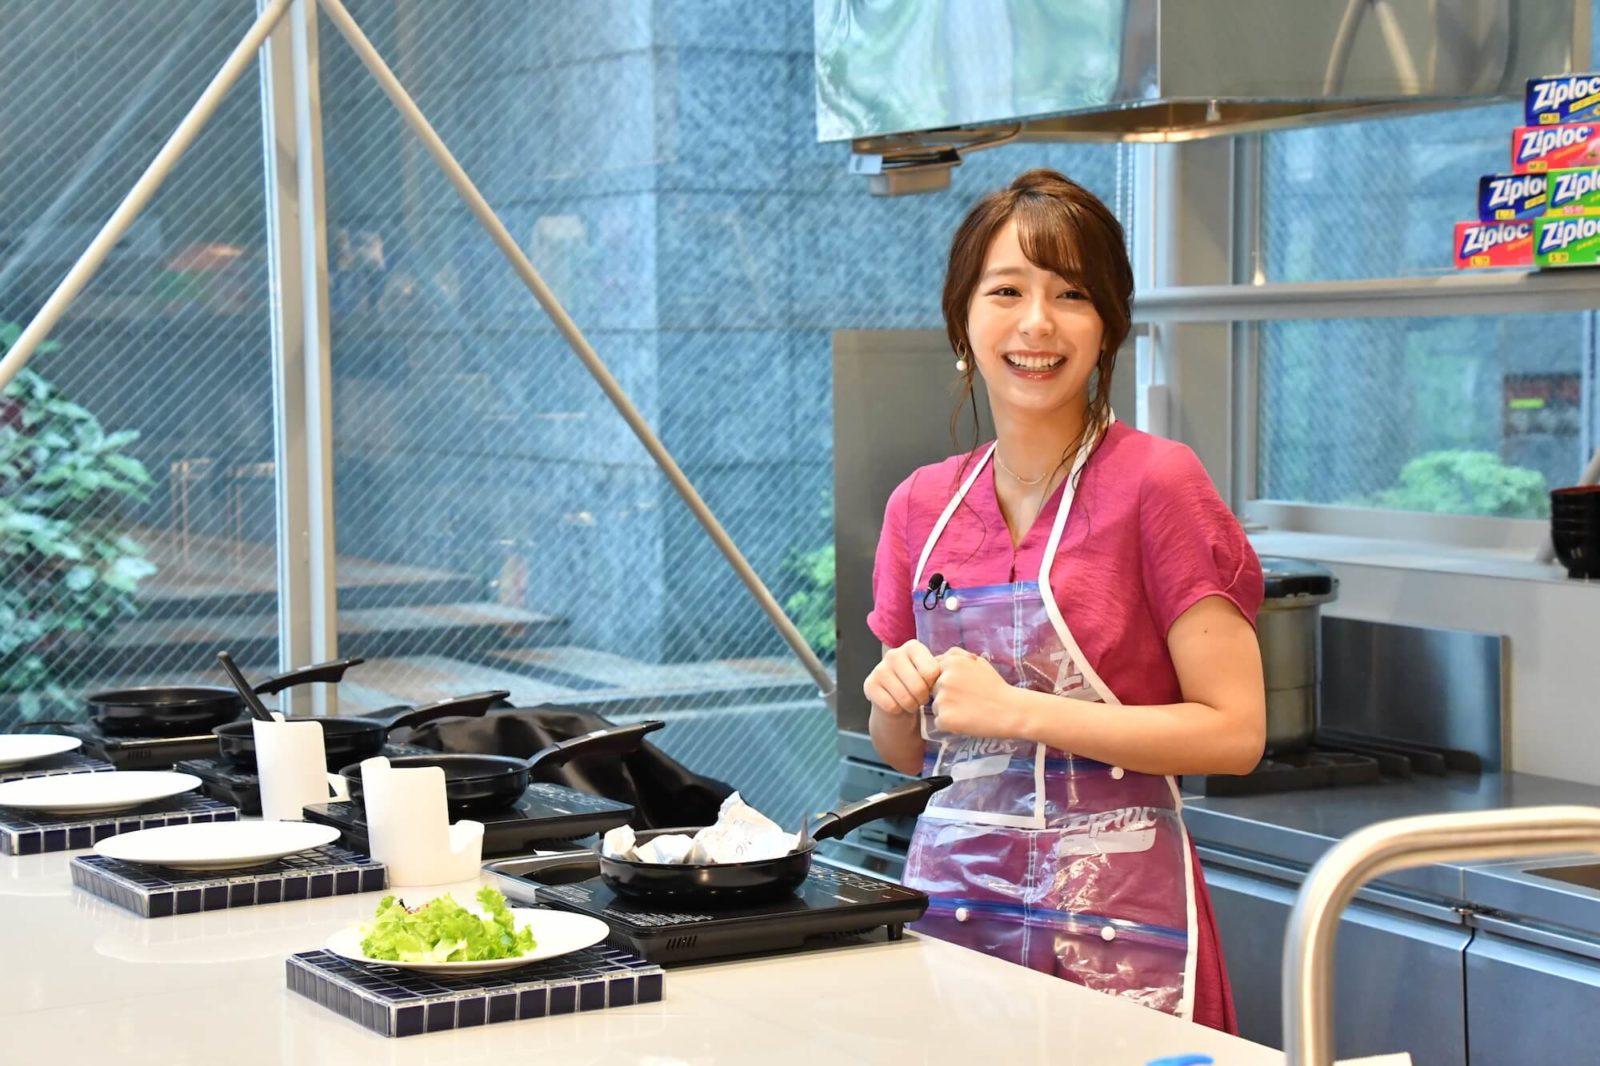 宇垣美里がエプロン姿を披露!時短料理は「ゲームみたいで私は好き」画像103017